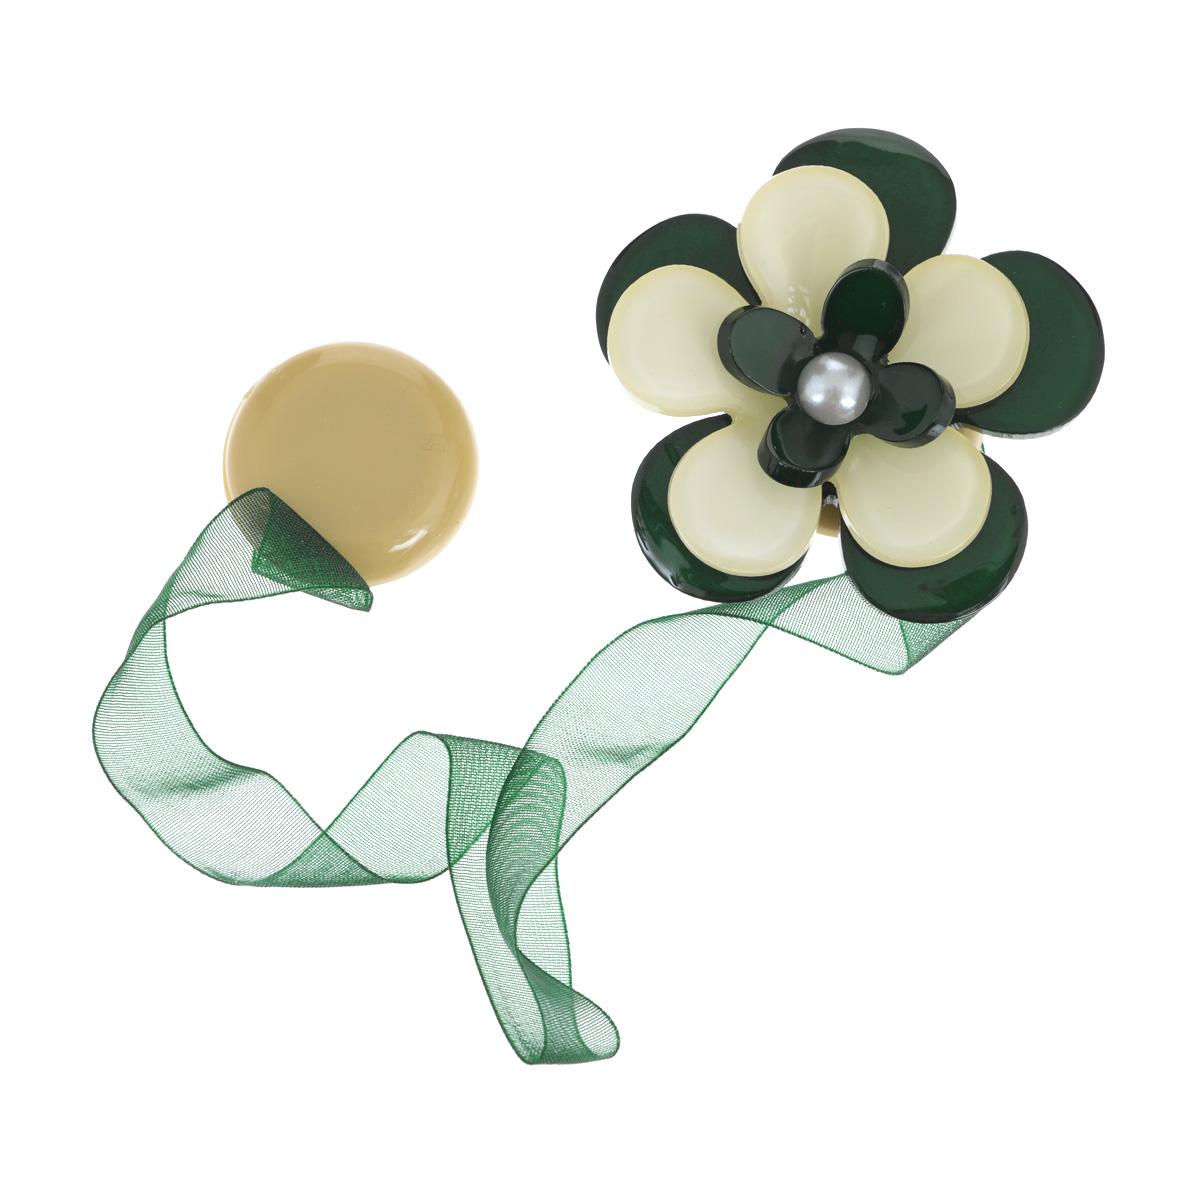 Клипса-магнит для штор Calamita Fiore, цвет: бутылочный, бежевый. 7704013_630SVC-300Клипса-магнит Calamita Fiore, изготовленная из пластика и полиэстера, предназначена для придания формы шторам. Изделие представляет собой два магнита, расположенные на разных концах текстильной ленты. Один из магнитов оформлен декоративным цветком. С помощью такой магнитной клипсы можно зафиксировать портьеры, придать им требуемое положение, сделать складки симметричными или приблизить портьеры, скрепить их. Клипсы для штор являются универсальным изделием, которое превосходно подойдет как для штор в детской комнате, так и для штор в гостиной. Следует отметить, что клипсы для штор выполняют не только практическую функцию, но также являются одной из основных деталей декора, которая придает шторам восхитительный, стильный внешний вид.Диаметр декоративного цветка: 5 см.Длина ленты: 28 см.